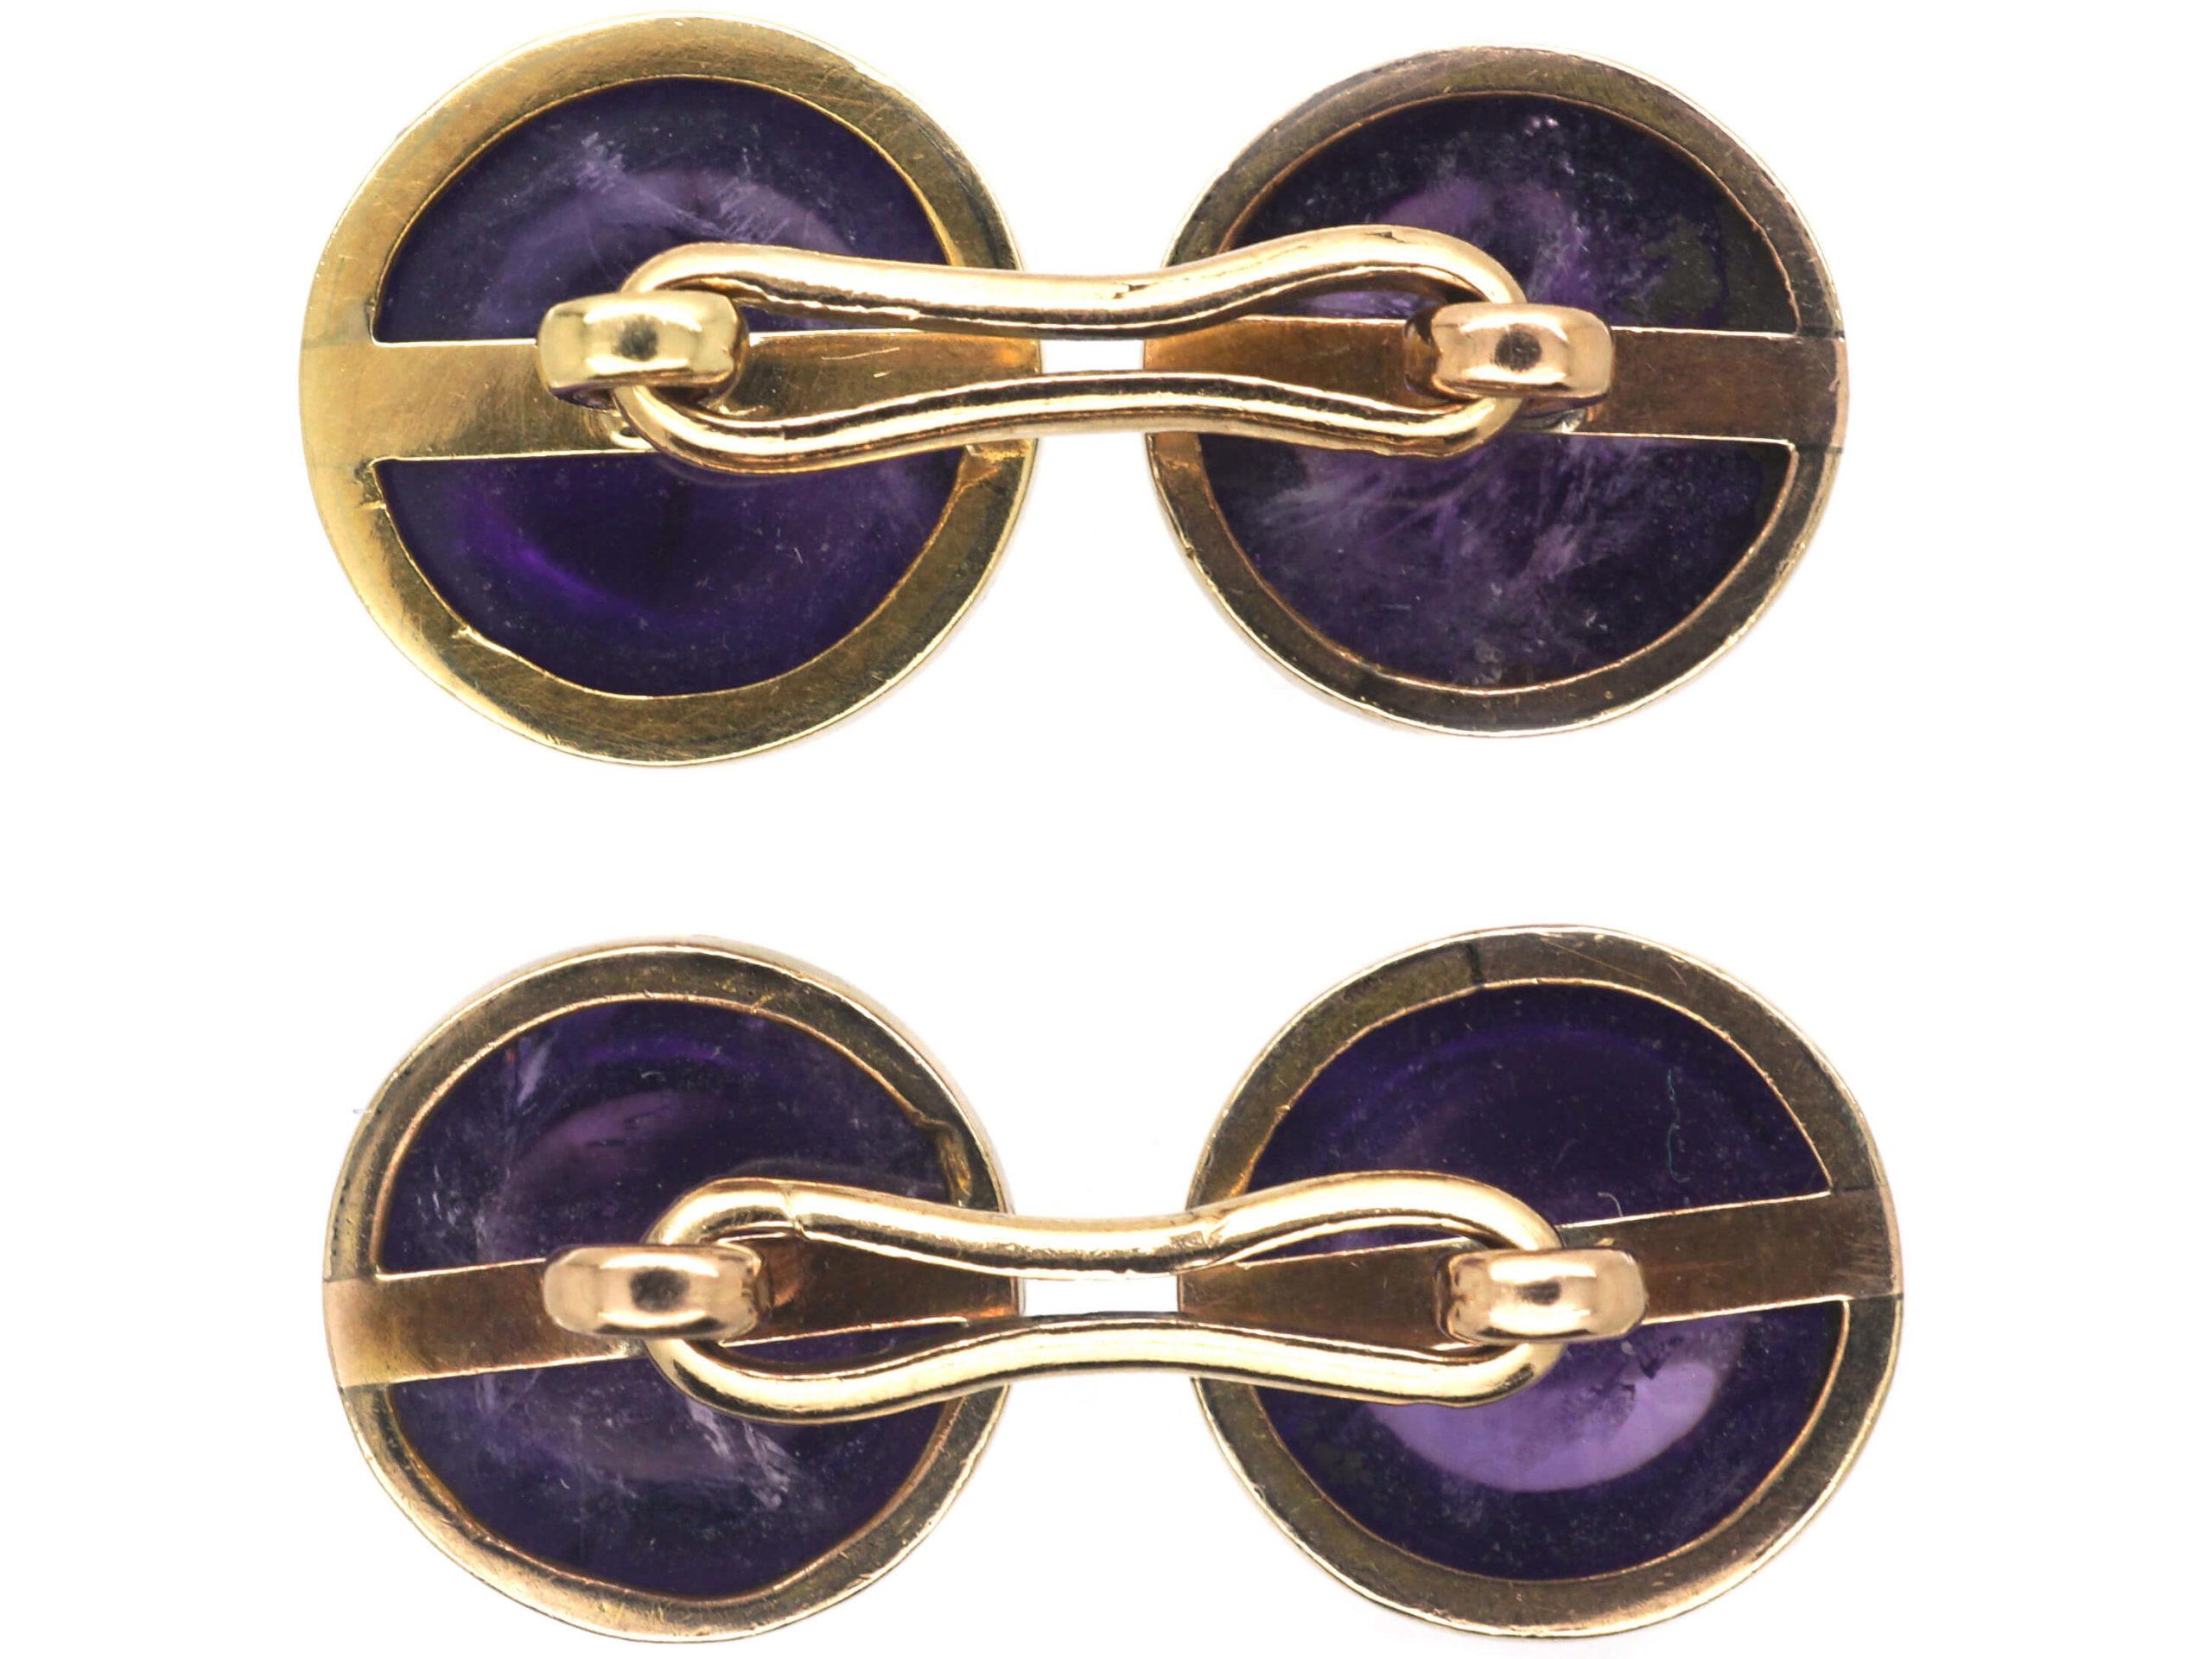 Art Deco 15ct Gold & Cabochon Amethyst Cufflinks